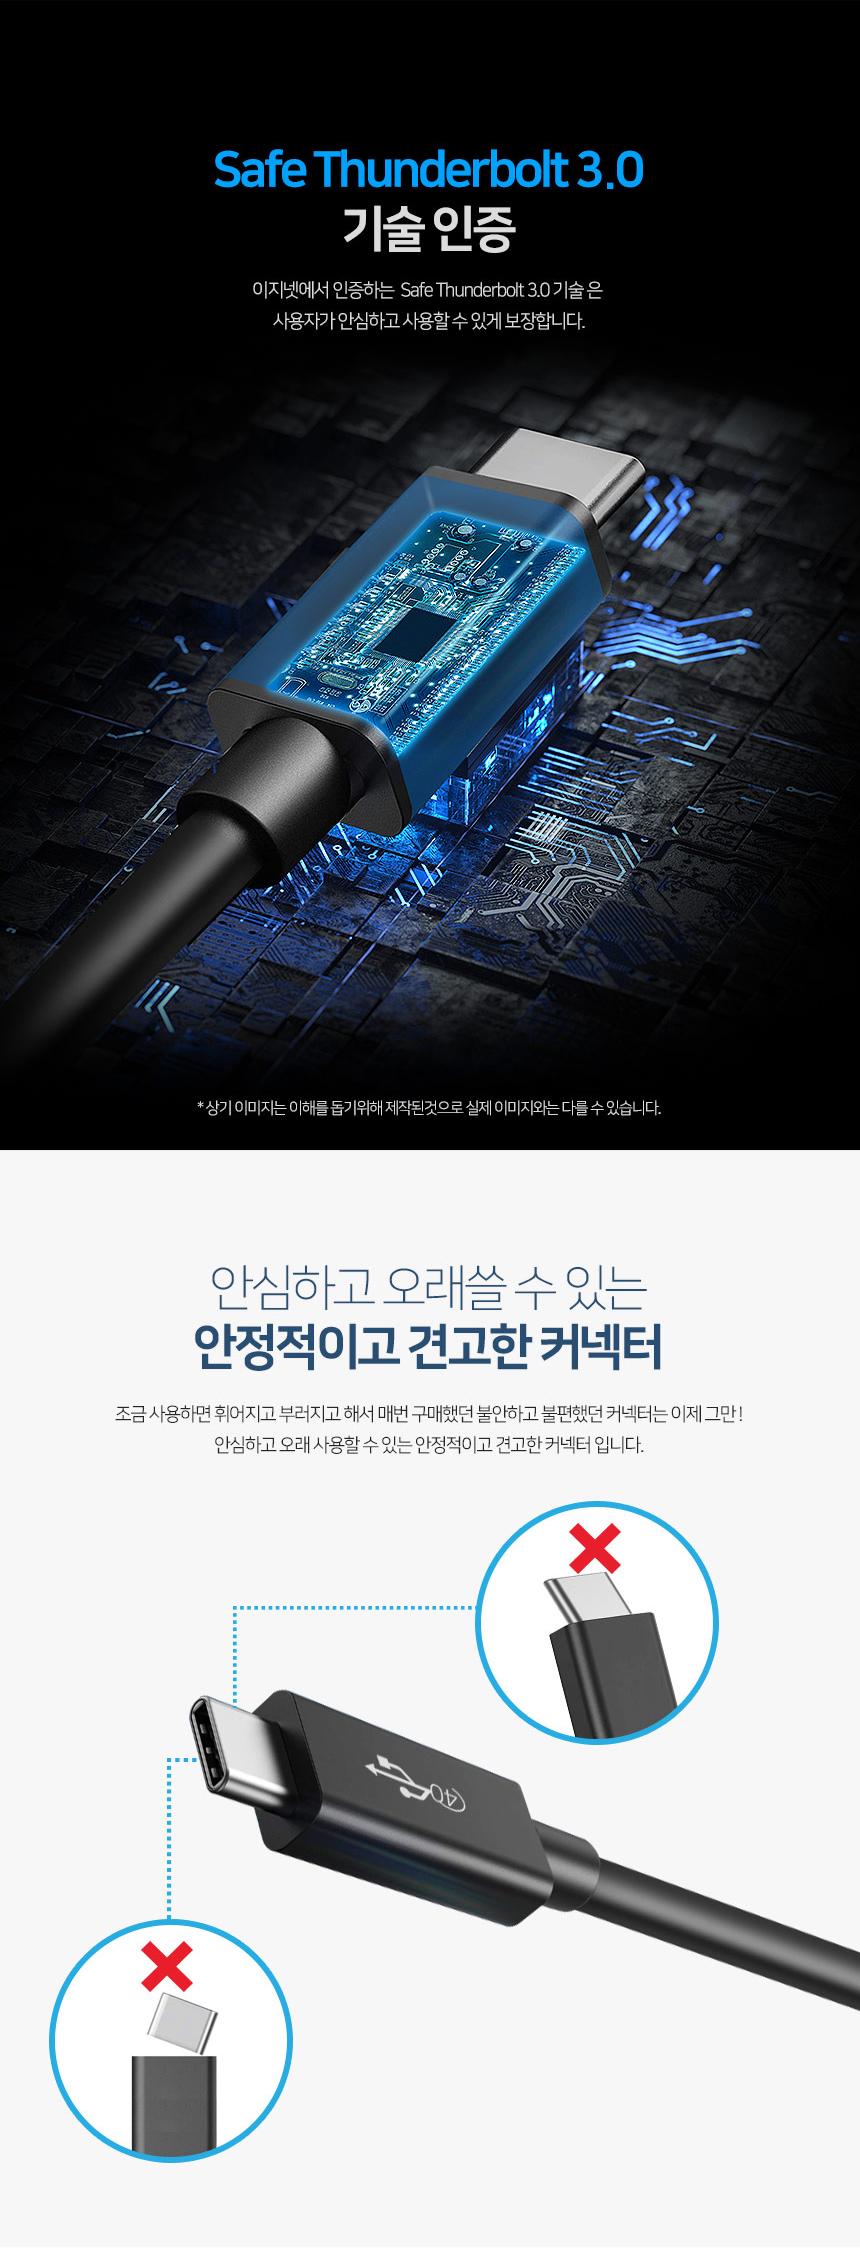 이지넷유비쿼터스 넥스트 Type C to C 썬더볼트3 액티브 케이블 (NEXT-4001M-40G, 1m)